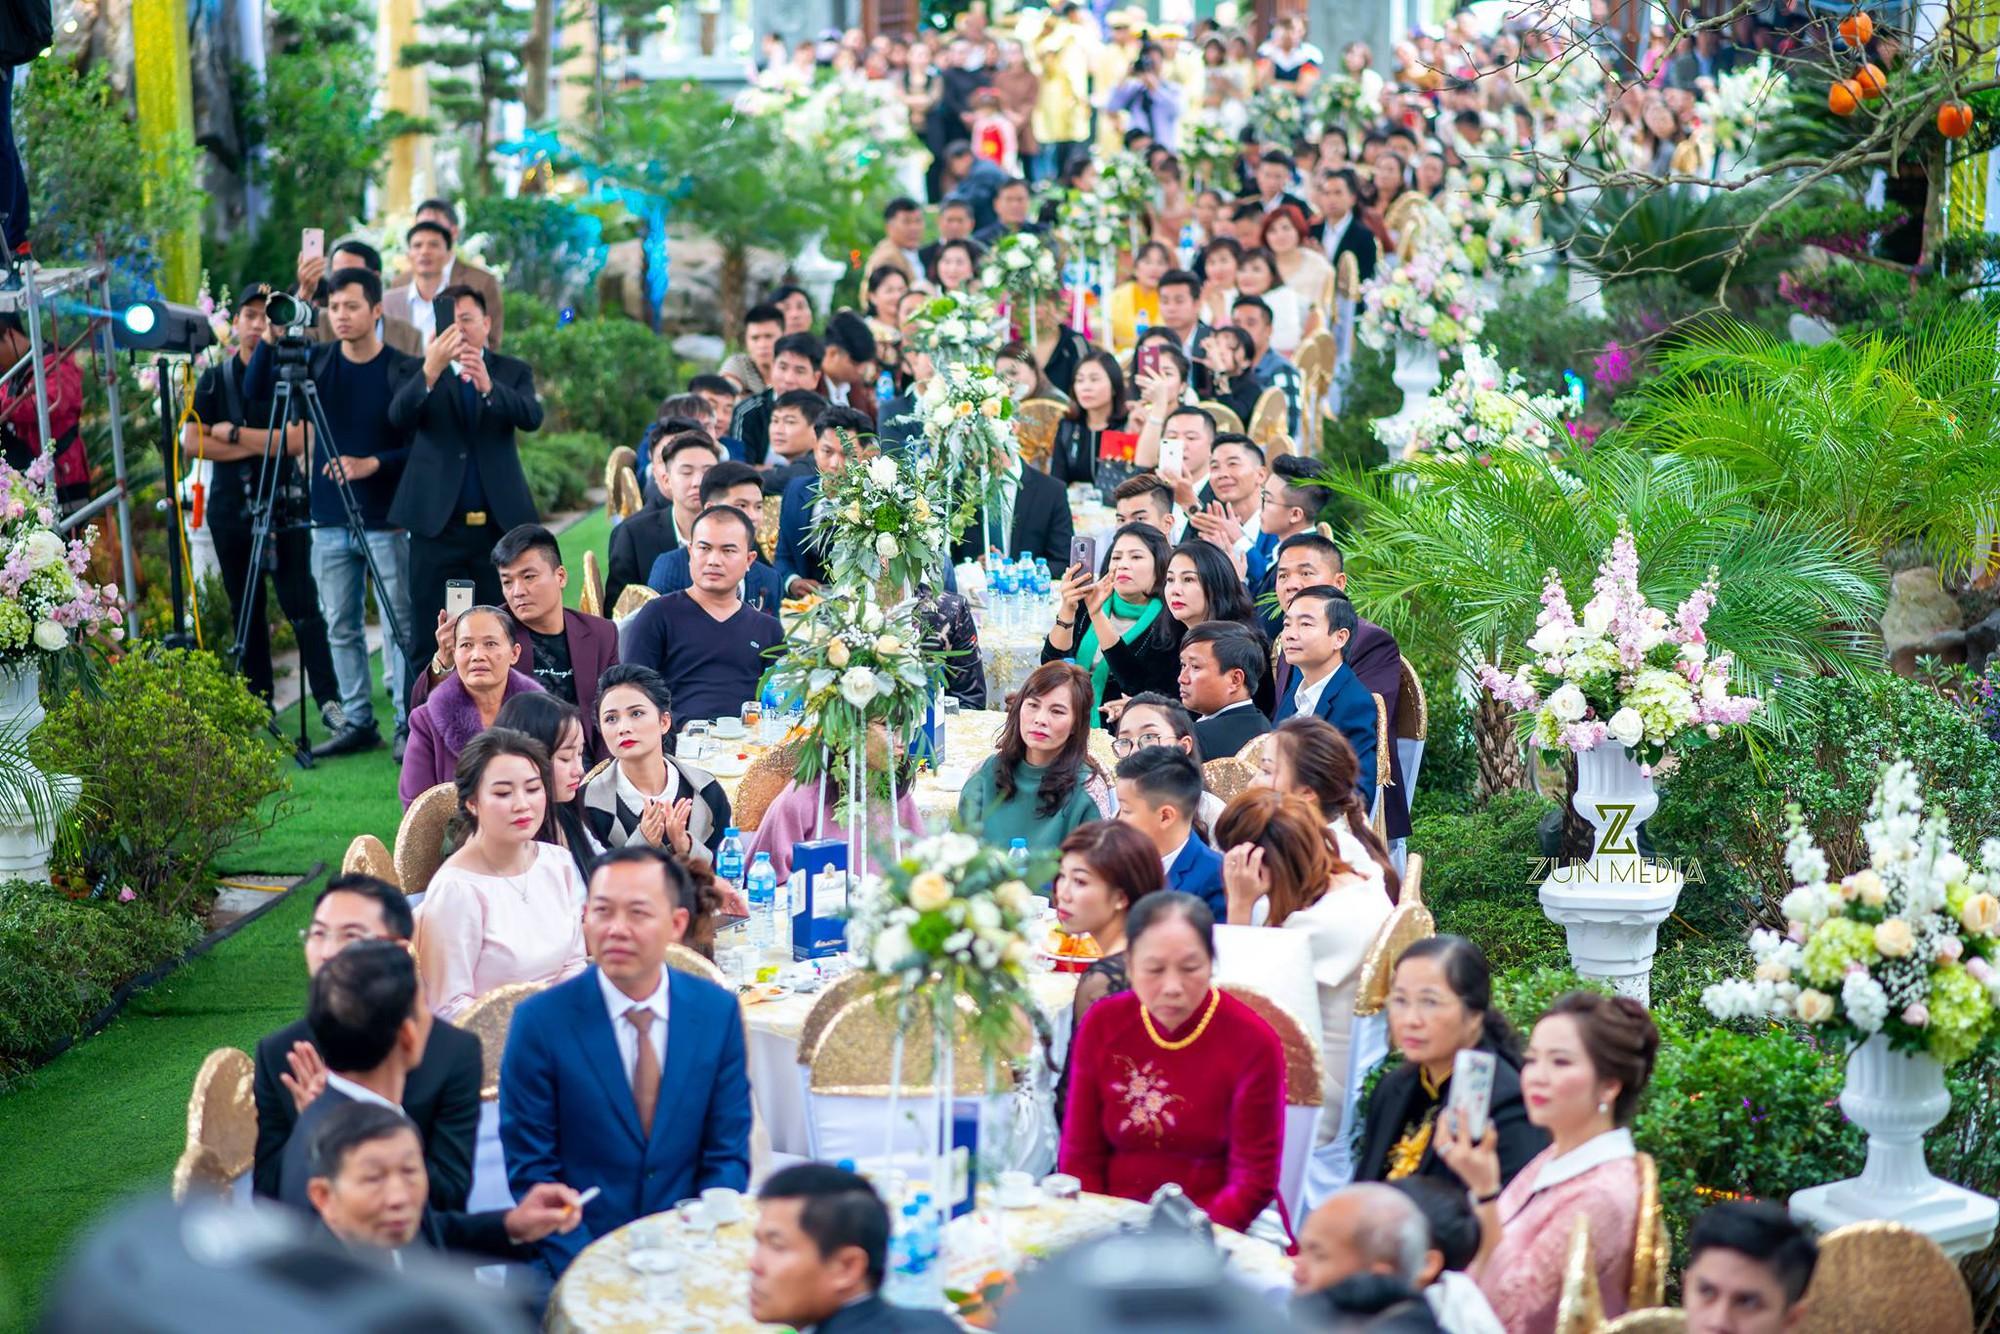 Bộ ảnh cưới đẹp như mơ cùng gia thế khủng của cô dâu vàng đeo trĩu cổ sống trong lâu đài 7 tầng ở Nam Định - Ảnh 9.